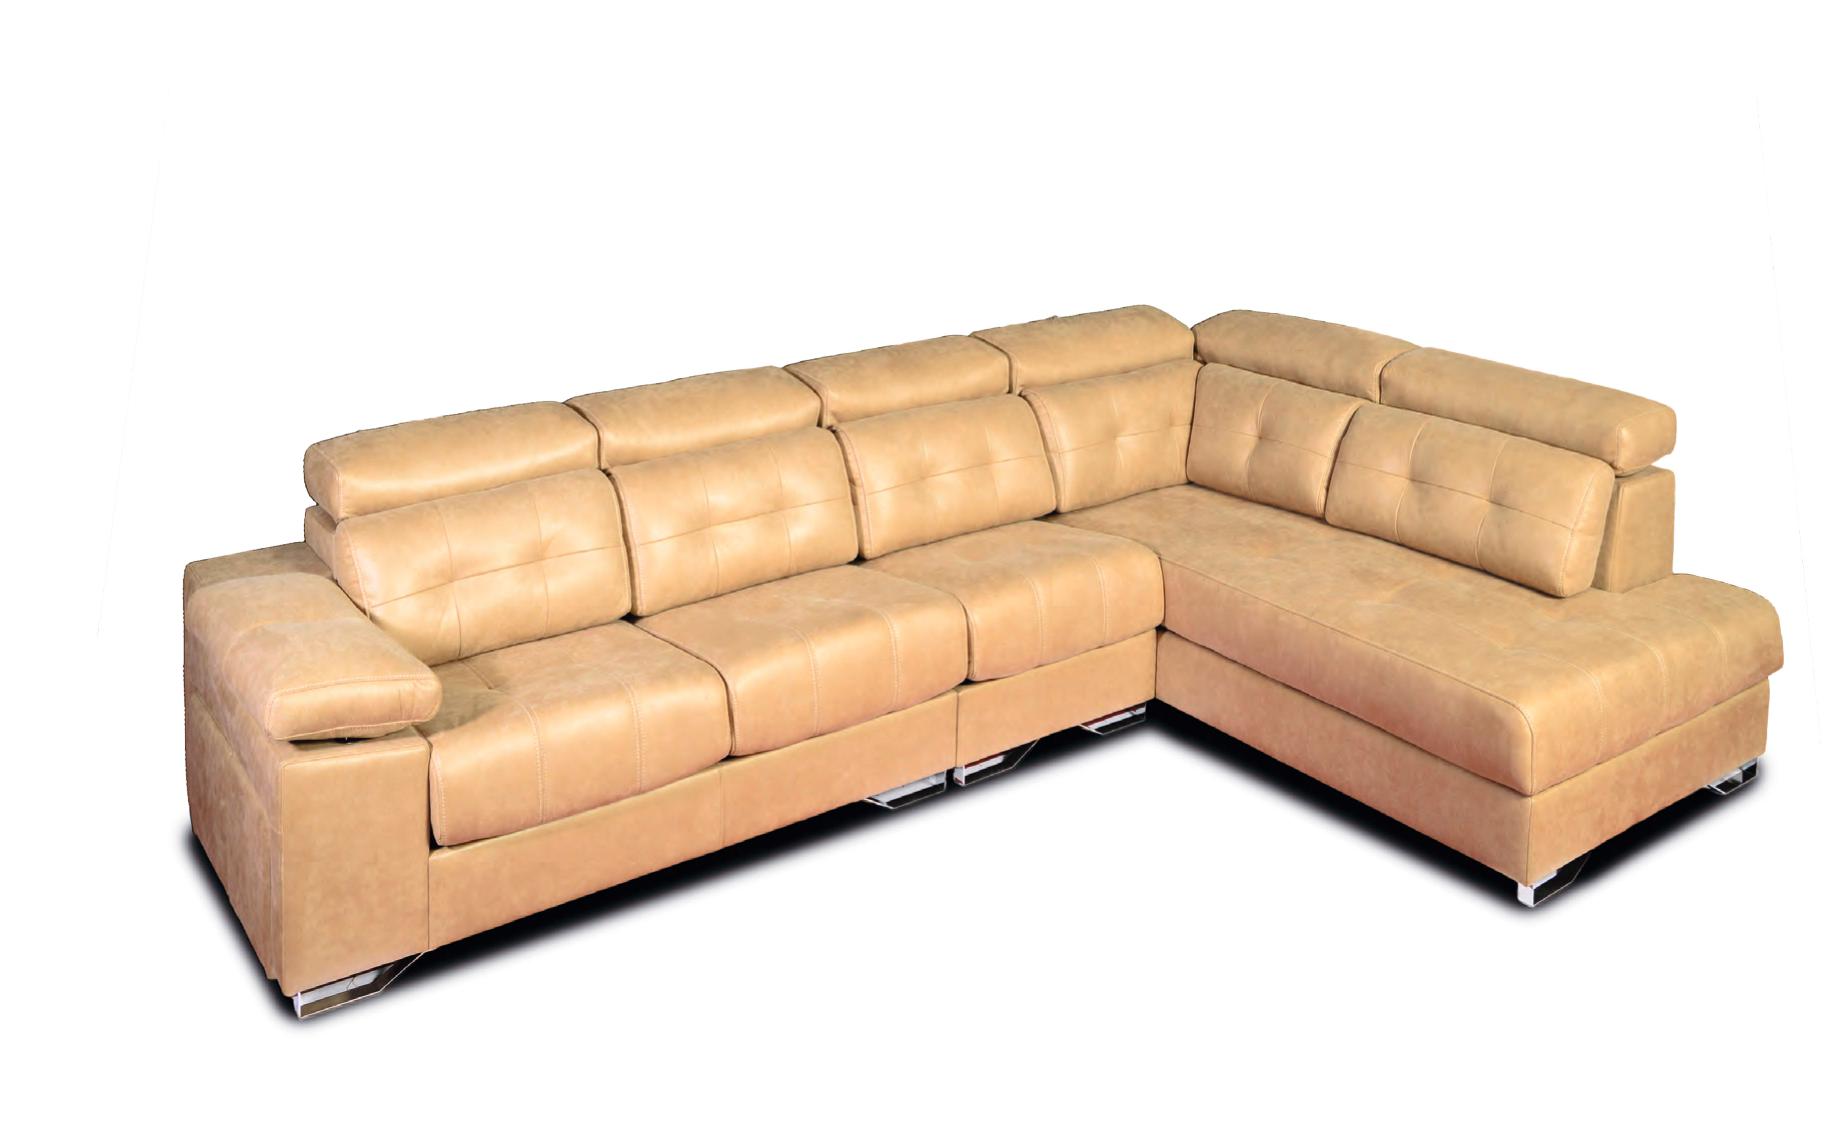 Sofá chaisselongue 3 asientos más chaisse